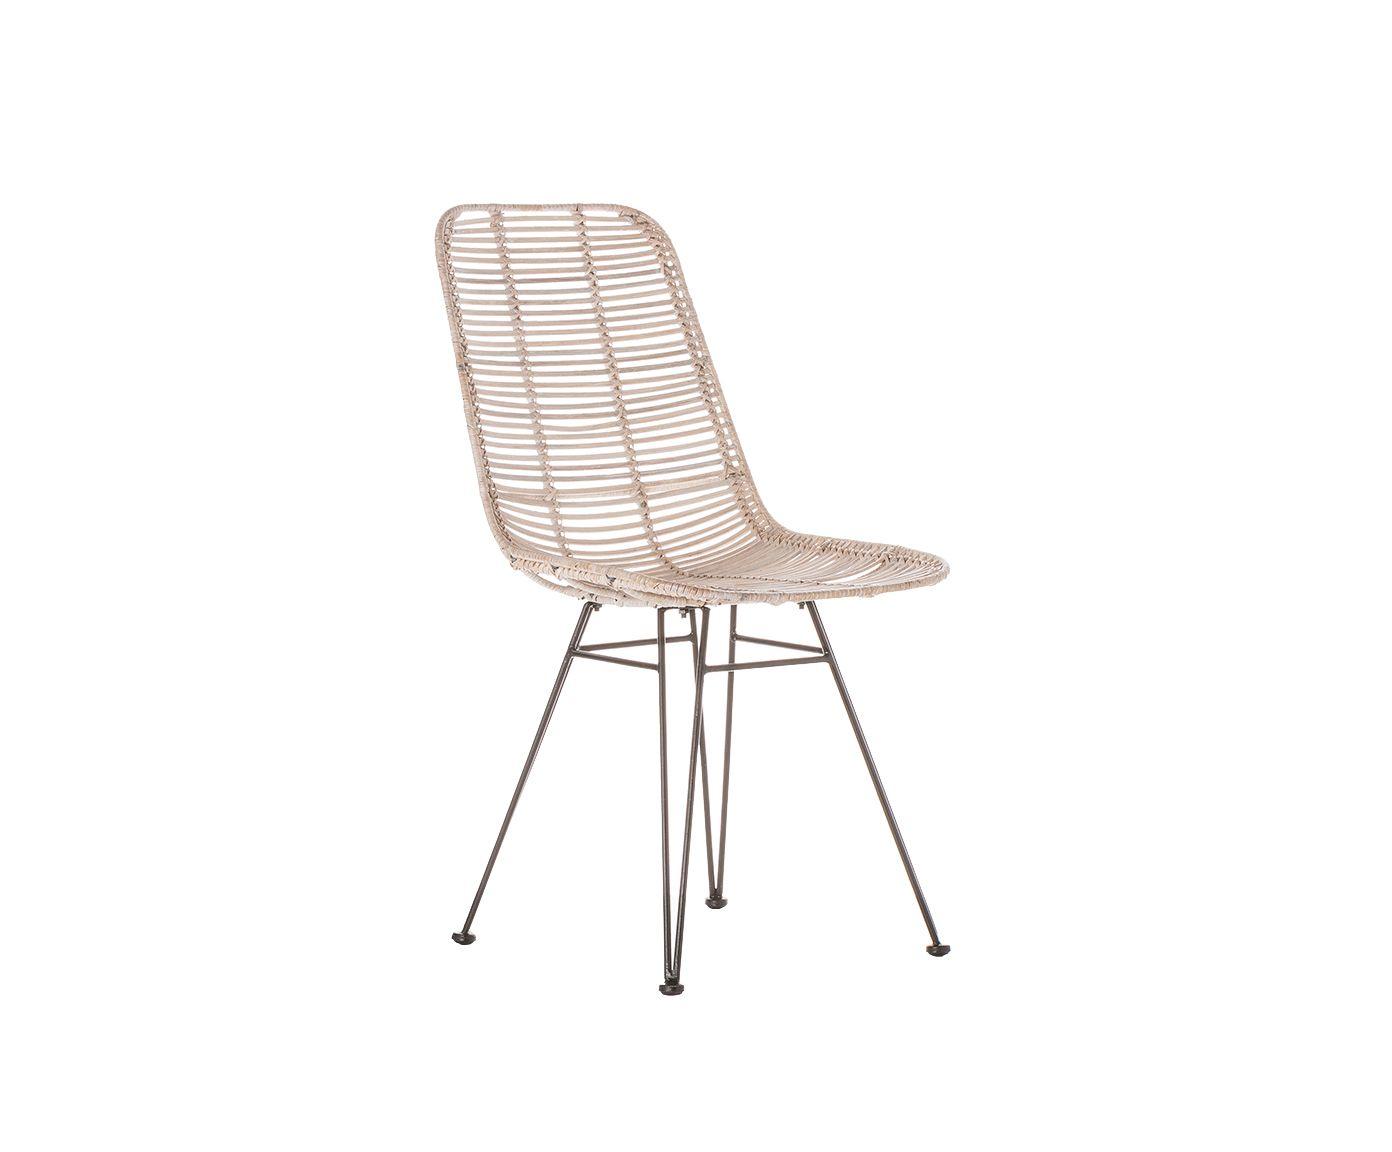 Amüsant Esszimmerstühle Metall Das Beste Von Stuhl Virginia - Rattan/metall Westwingnow | Westwingnow